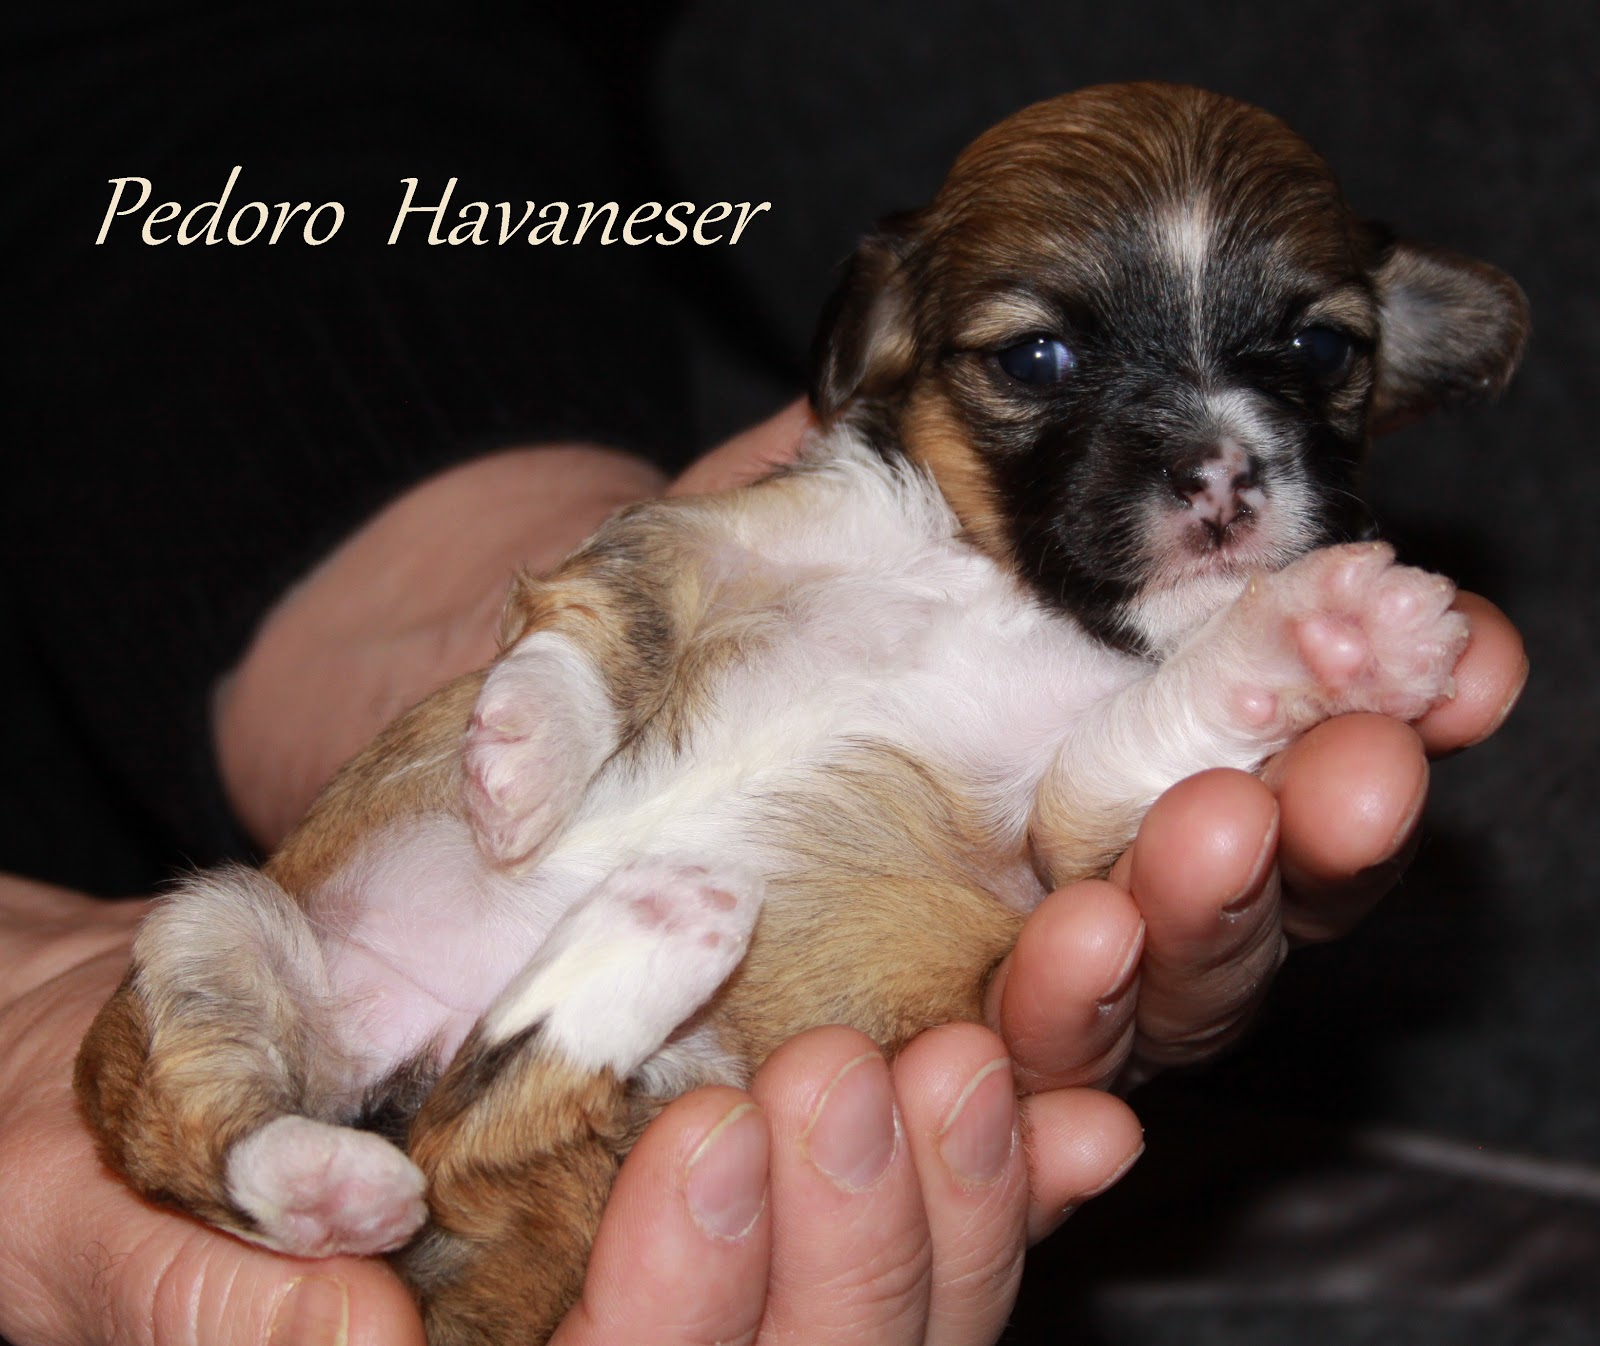 Havaneser Welpe Hündin Bichon Havaneser VDH, PEDORO HAVANESER Fotos und Bilder images